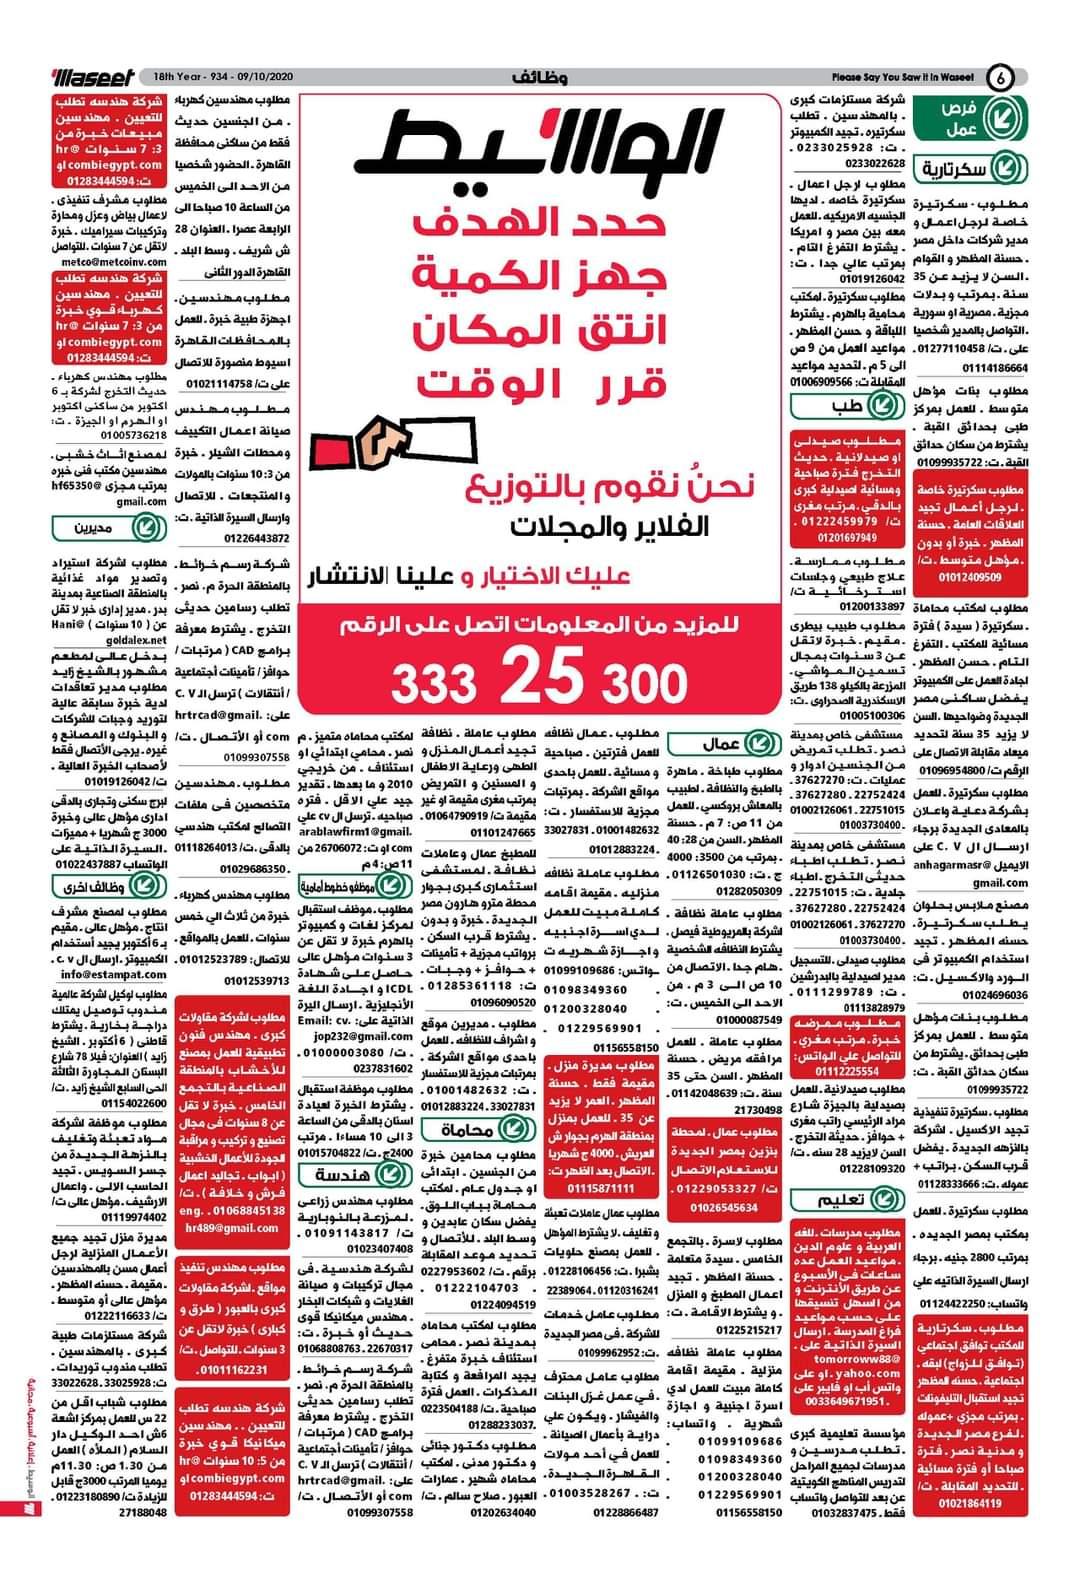 وظائف الوسيط و اعلانات مصر الجمعه 9 اكتوبر 2020 وسيط الجمعه